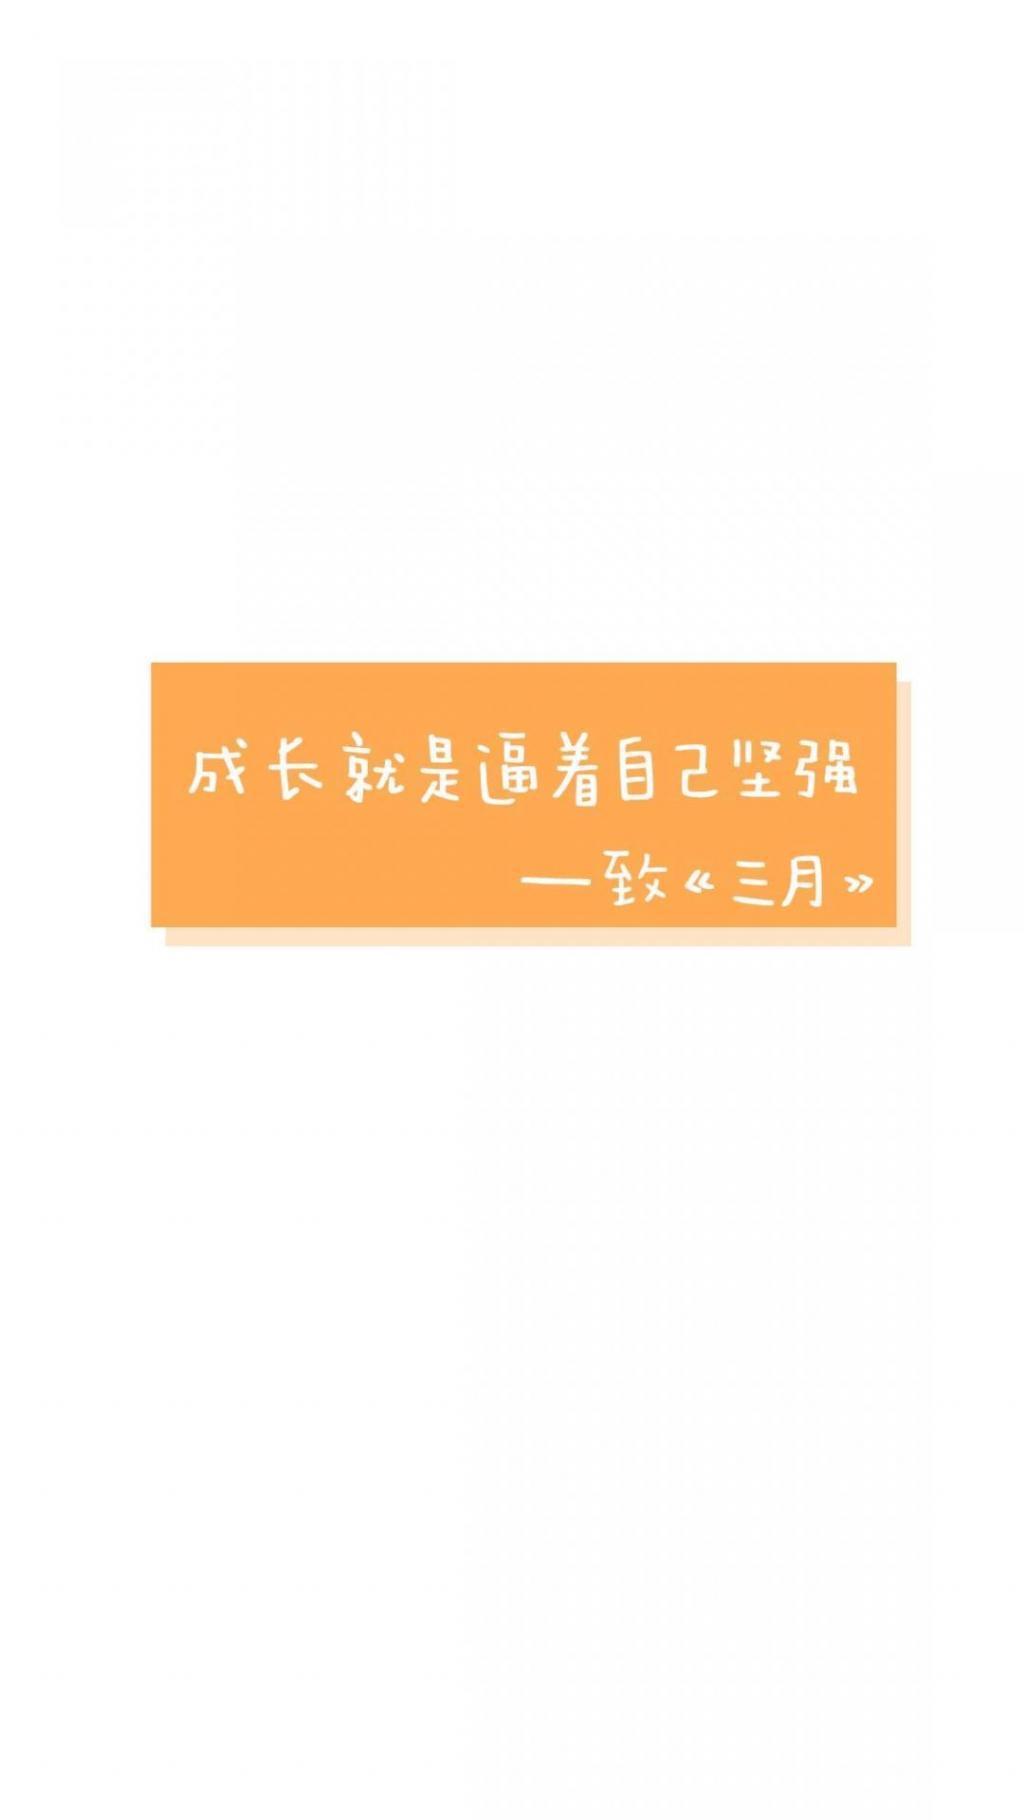 一句励志说说致三月带字简约图片